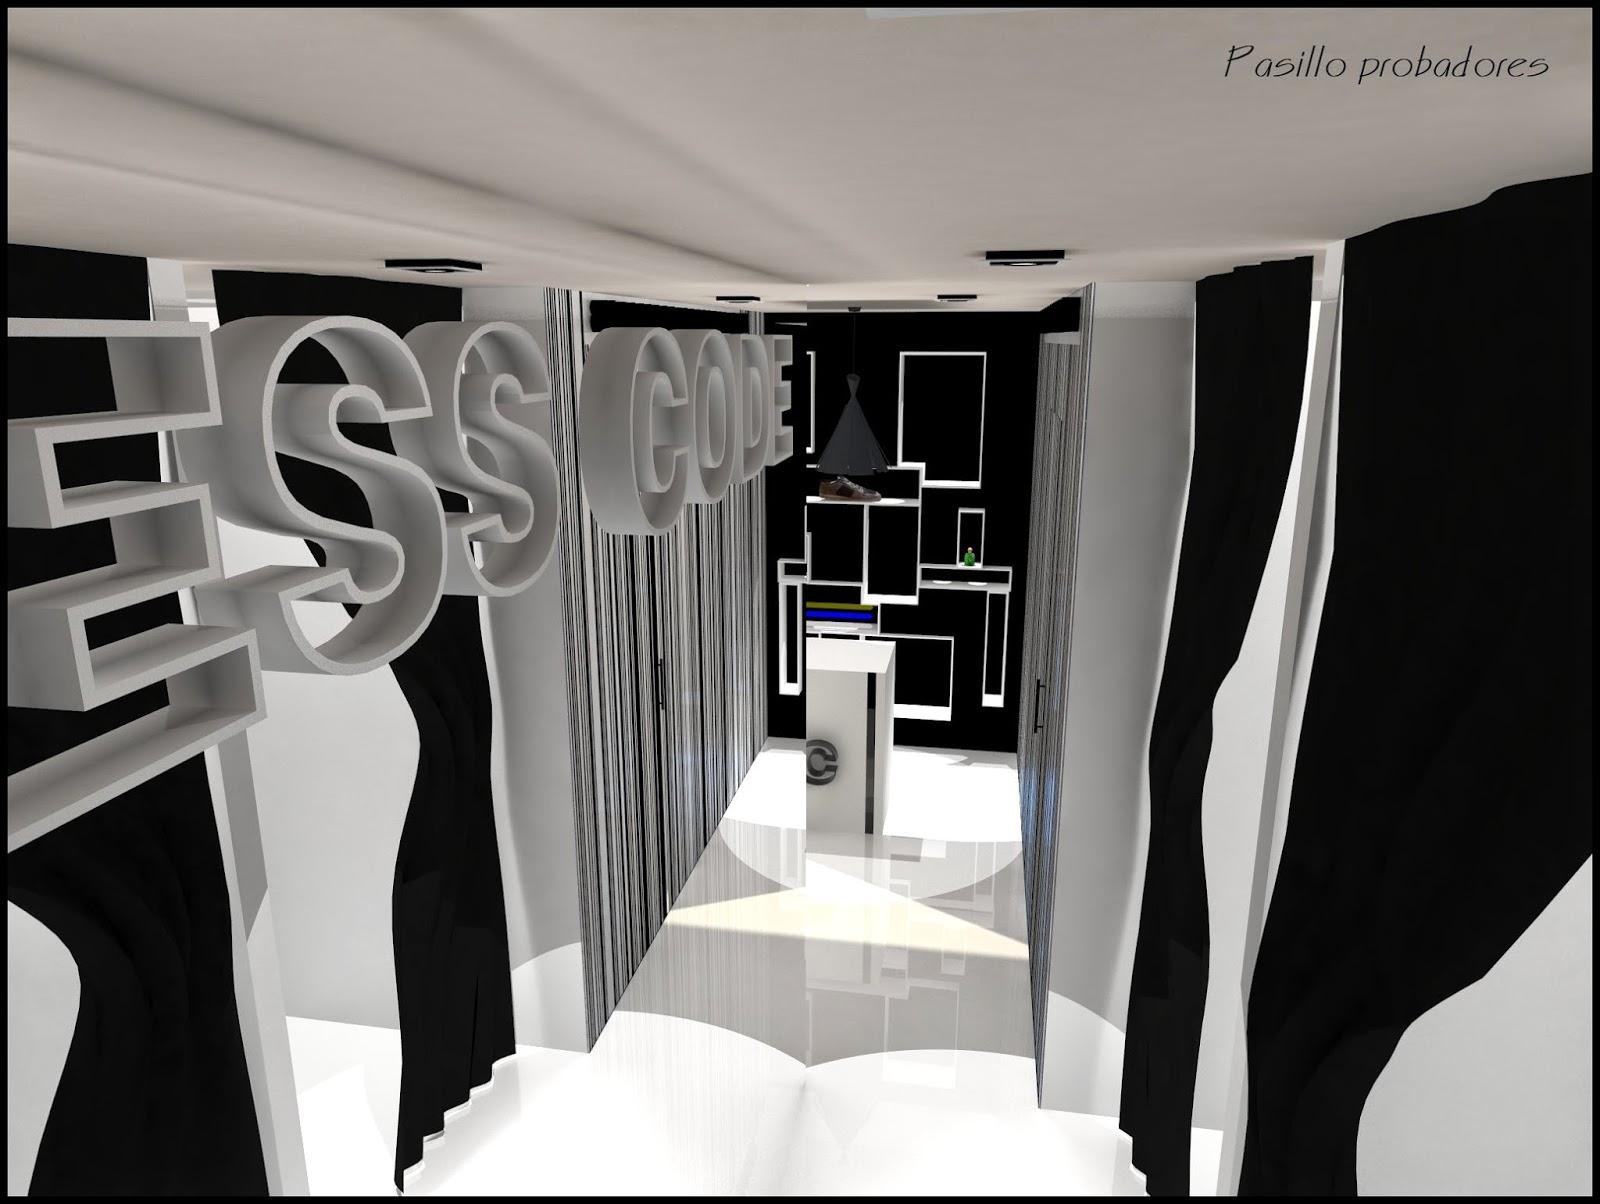 Dise o de interiores escuela de arte de motril tienda de for Probadores de ropa interior